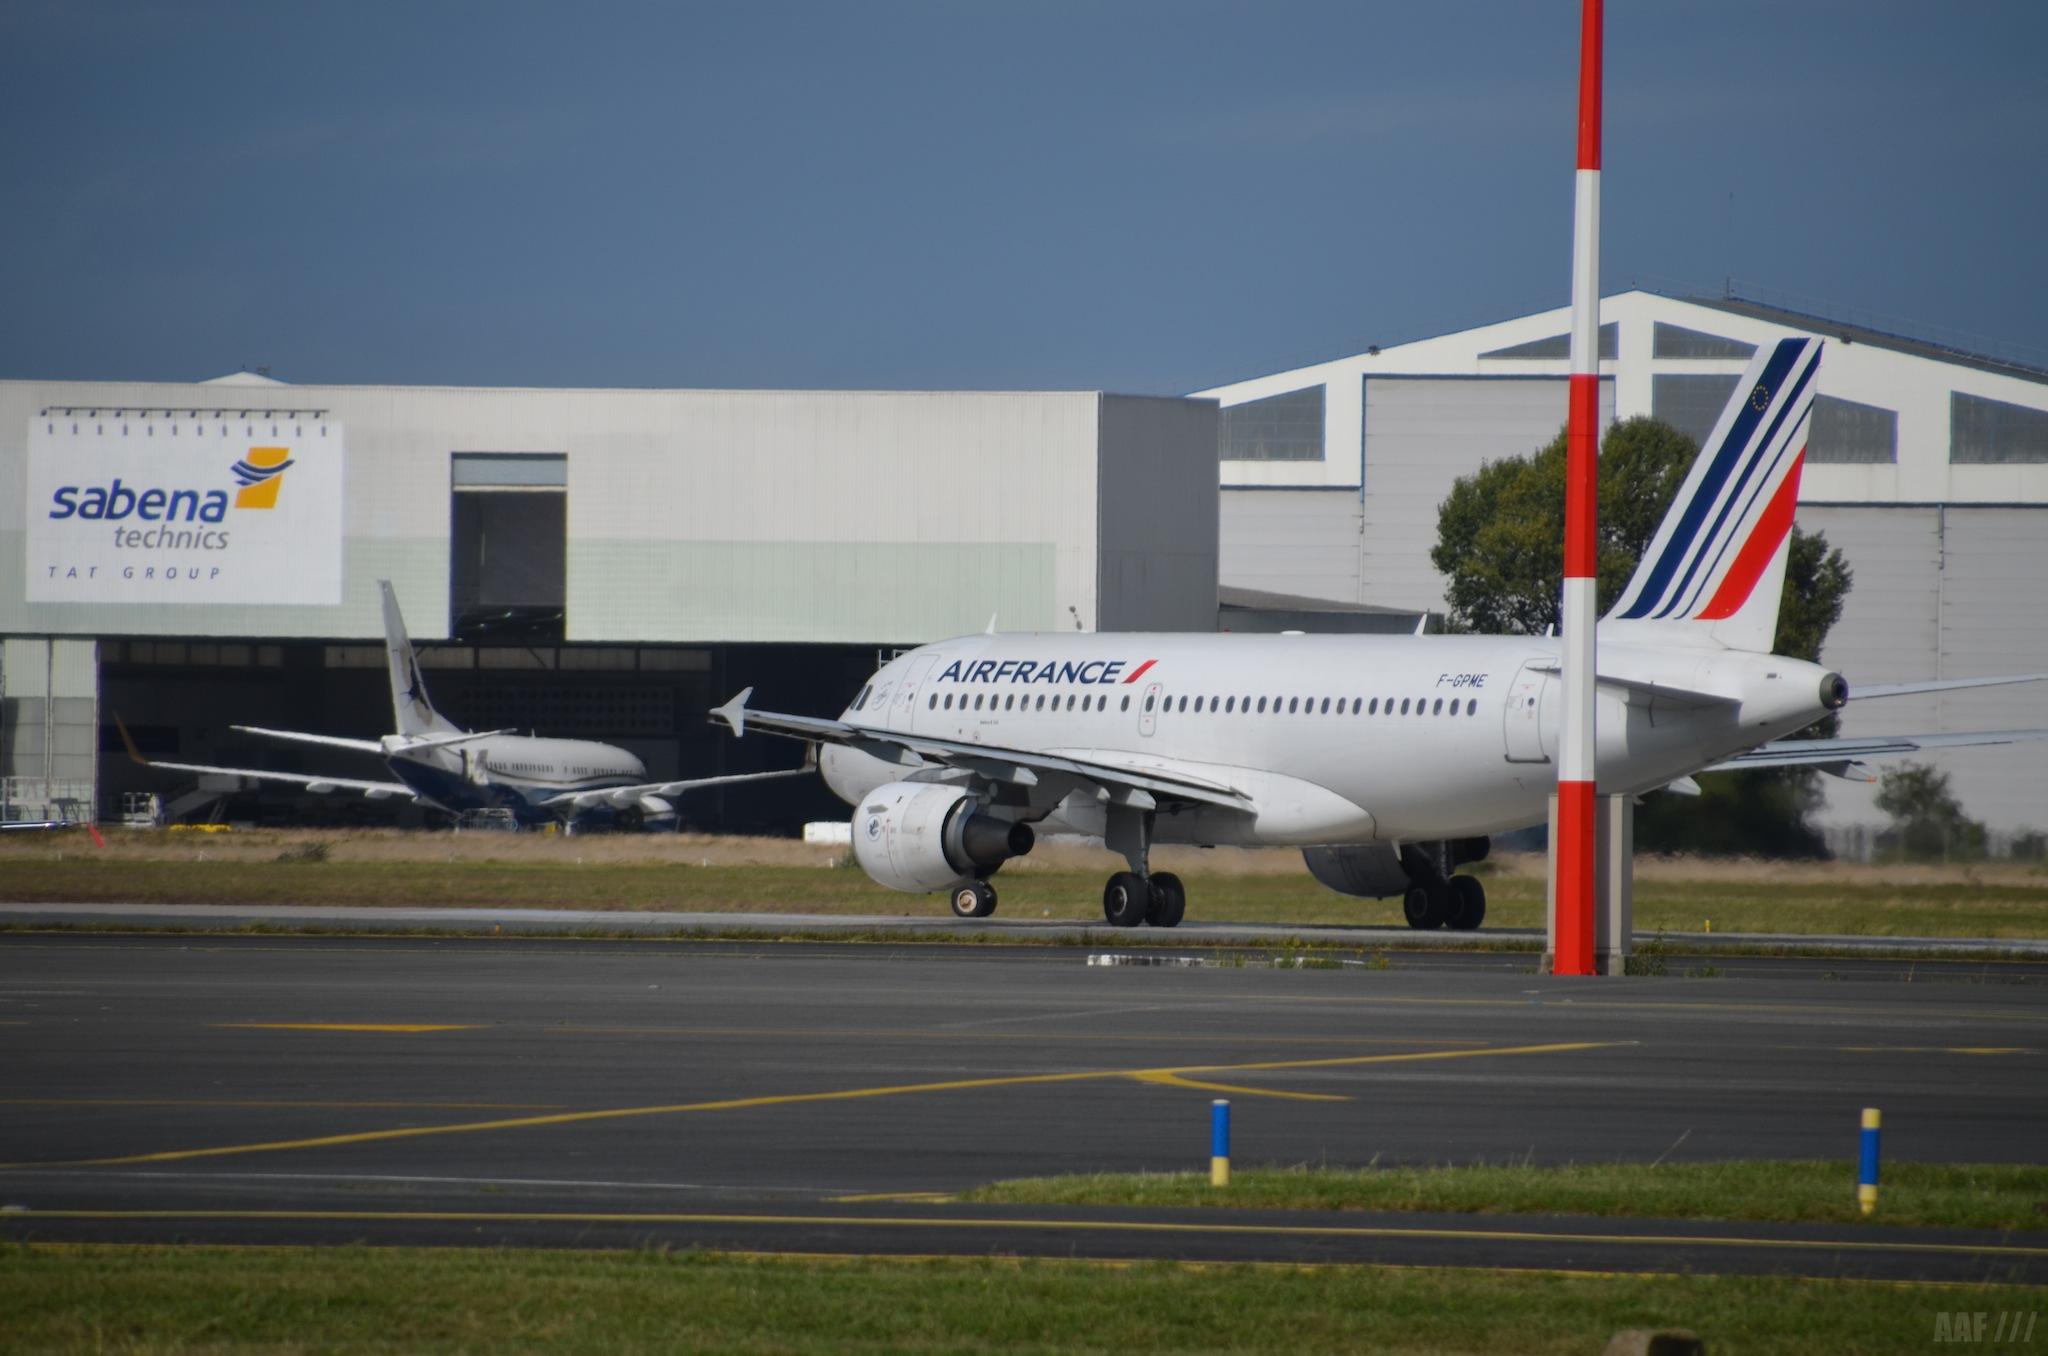 A320 Air France qui s'aligne sur la piste 23 à Bordeaux-Mérignac